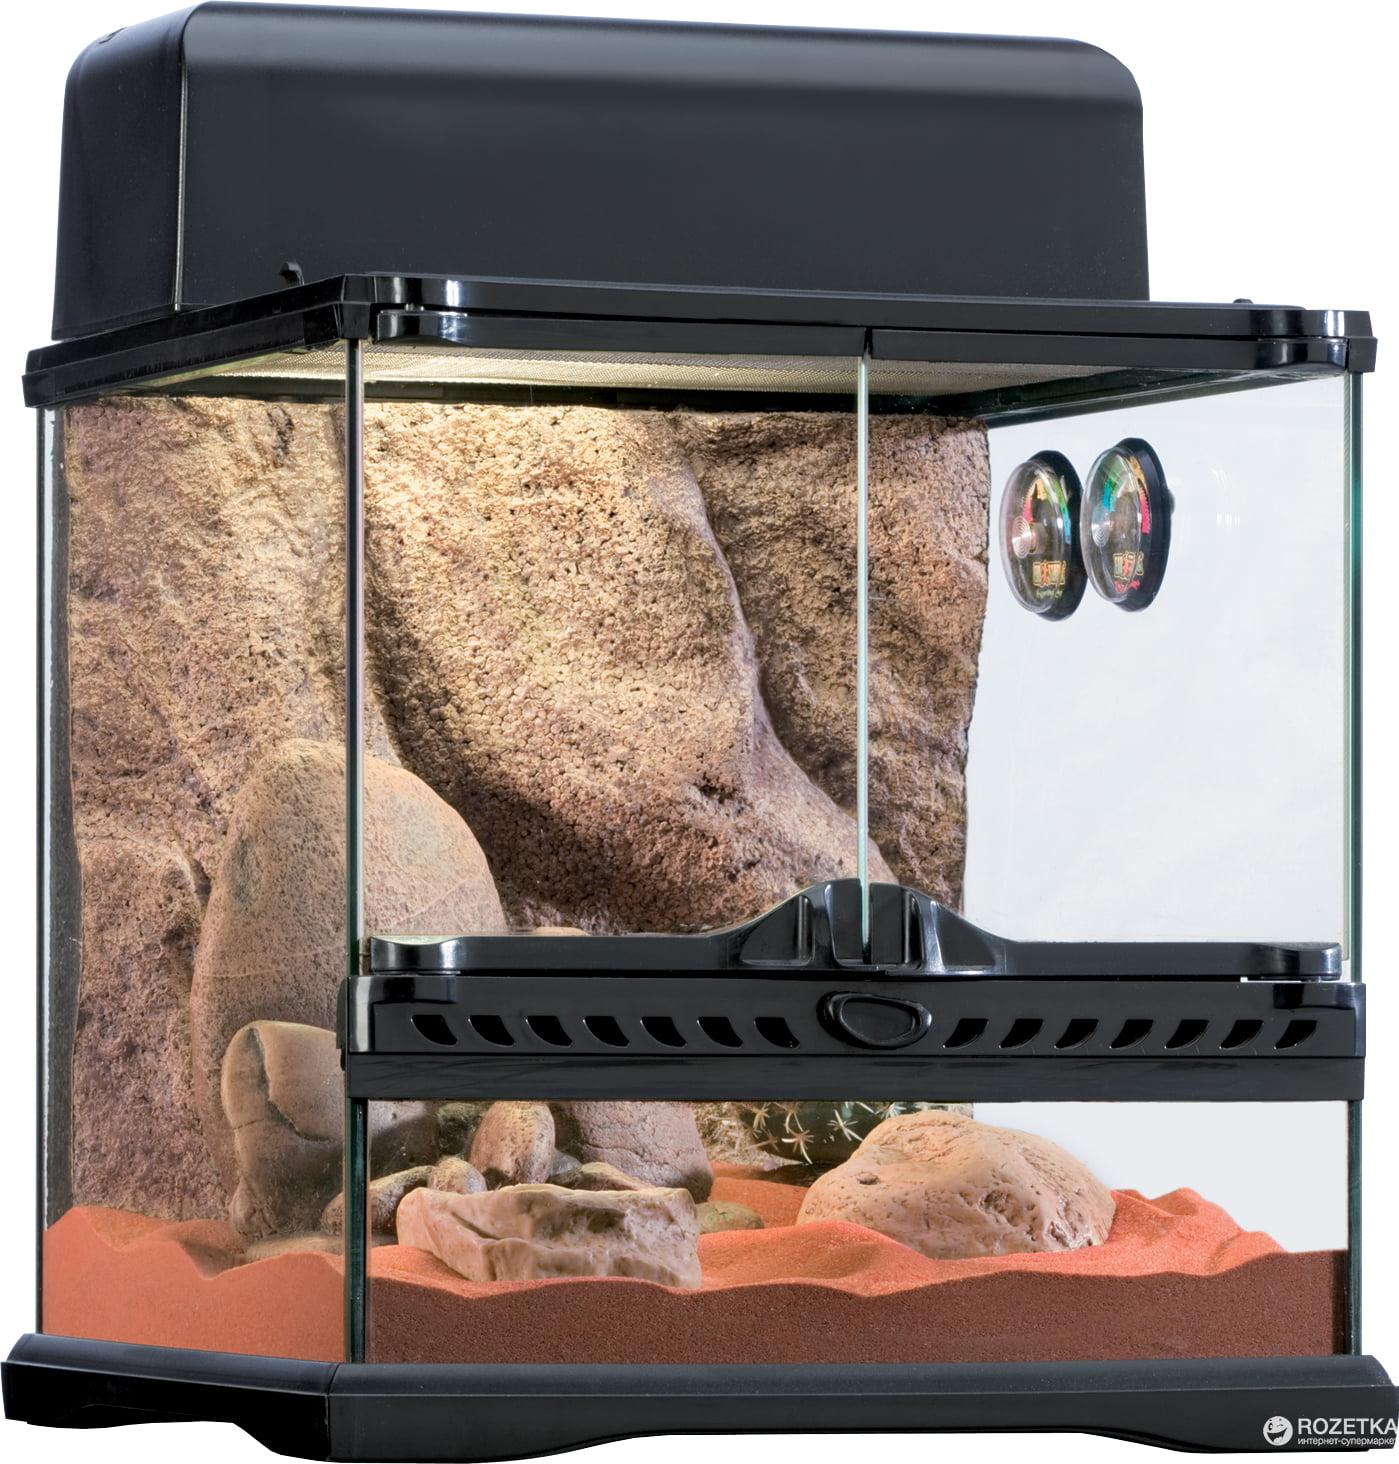 Exo Terra PT2600 Desert Reptile Habitat Kit, Small by Hagen